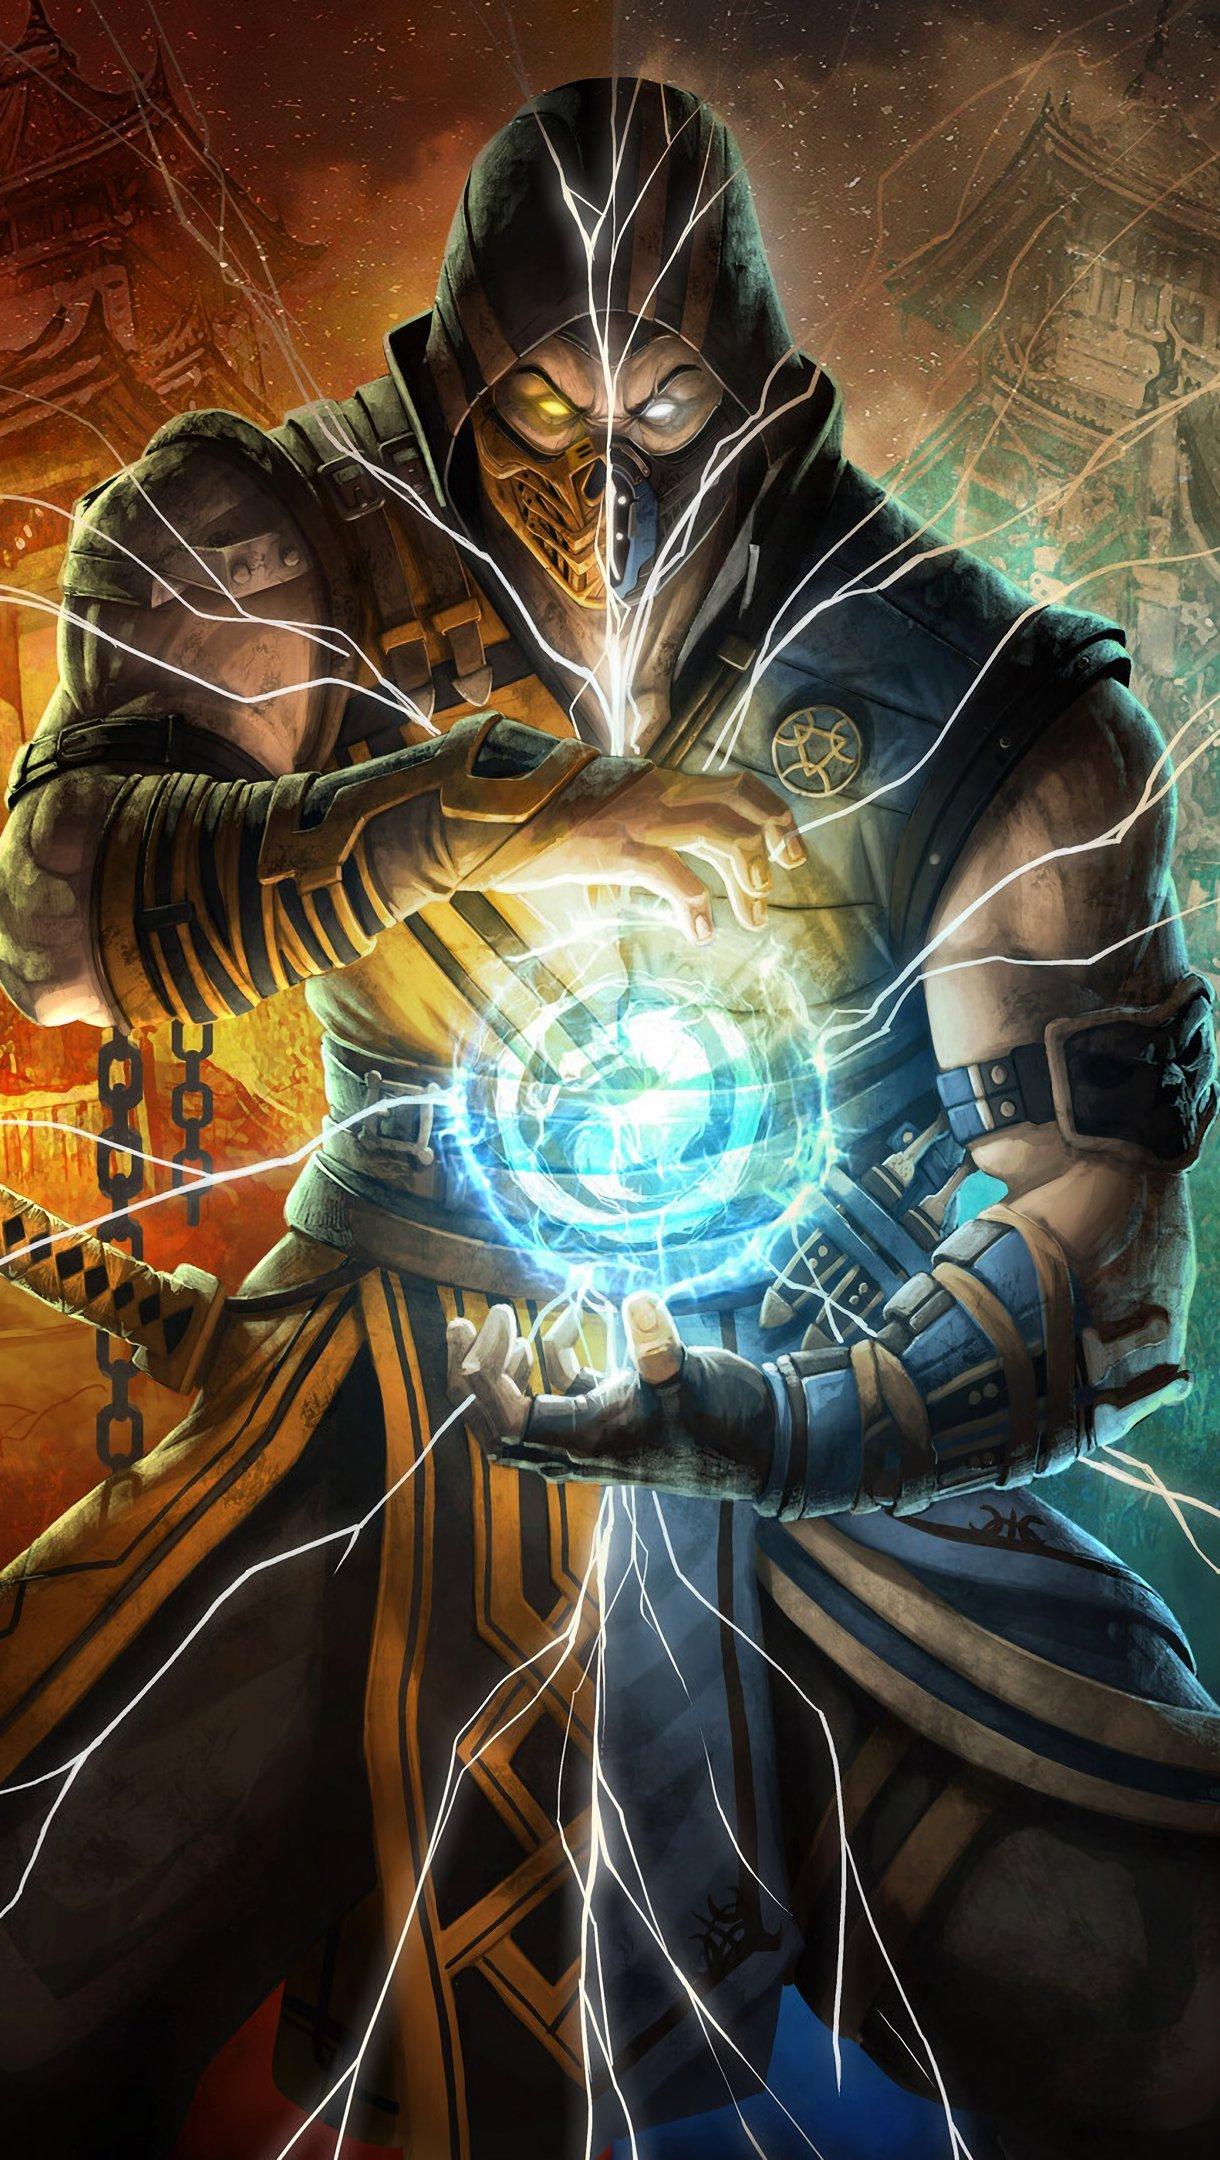 Fondos de pantalla Personaje de Mortal Kombat Scorpion Vertical